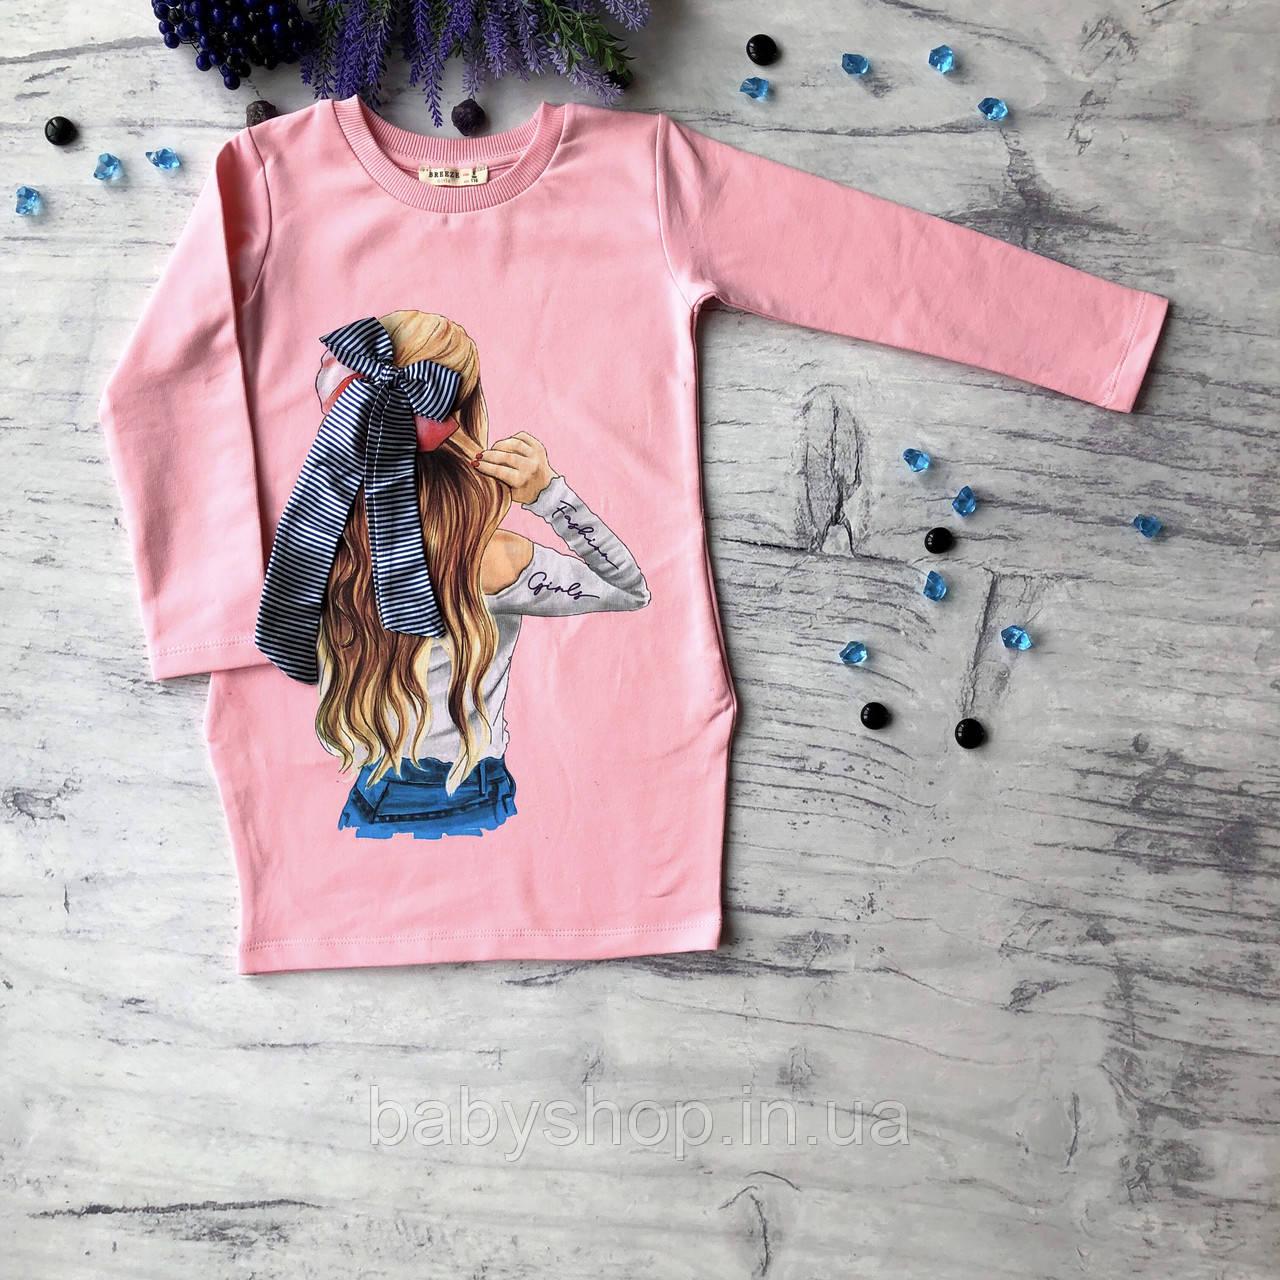 Детское розовое платье Breeze для девочки 169. Размер 116 см (6 лет), 140 см, 152 см